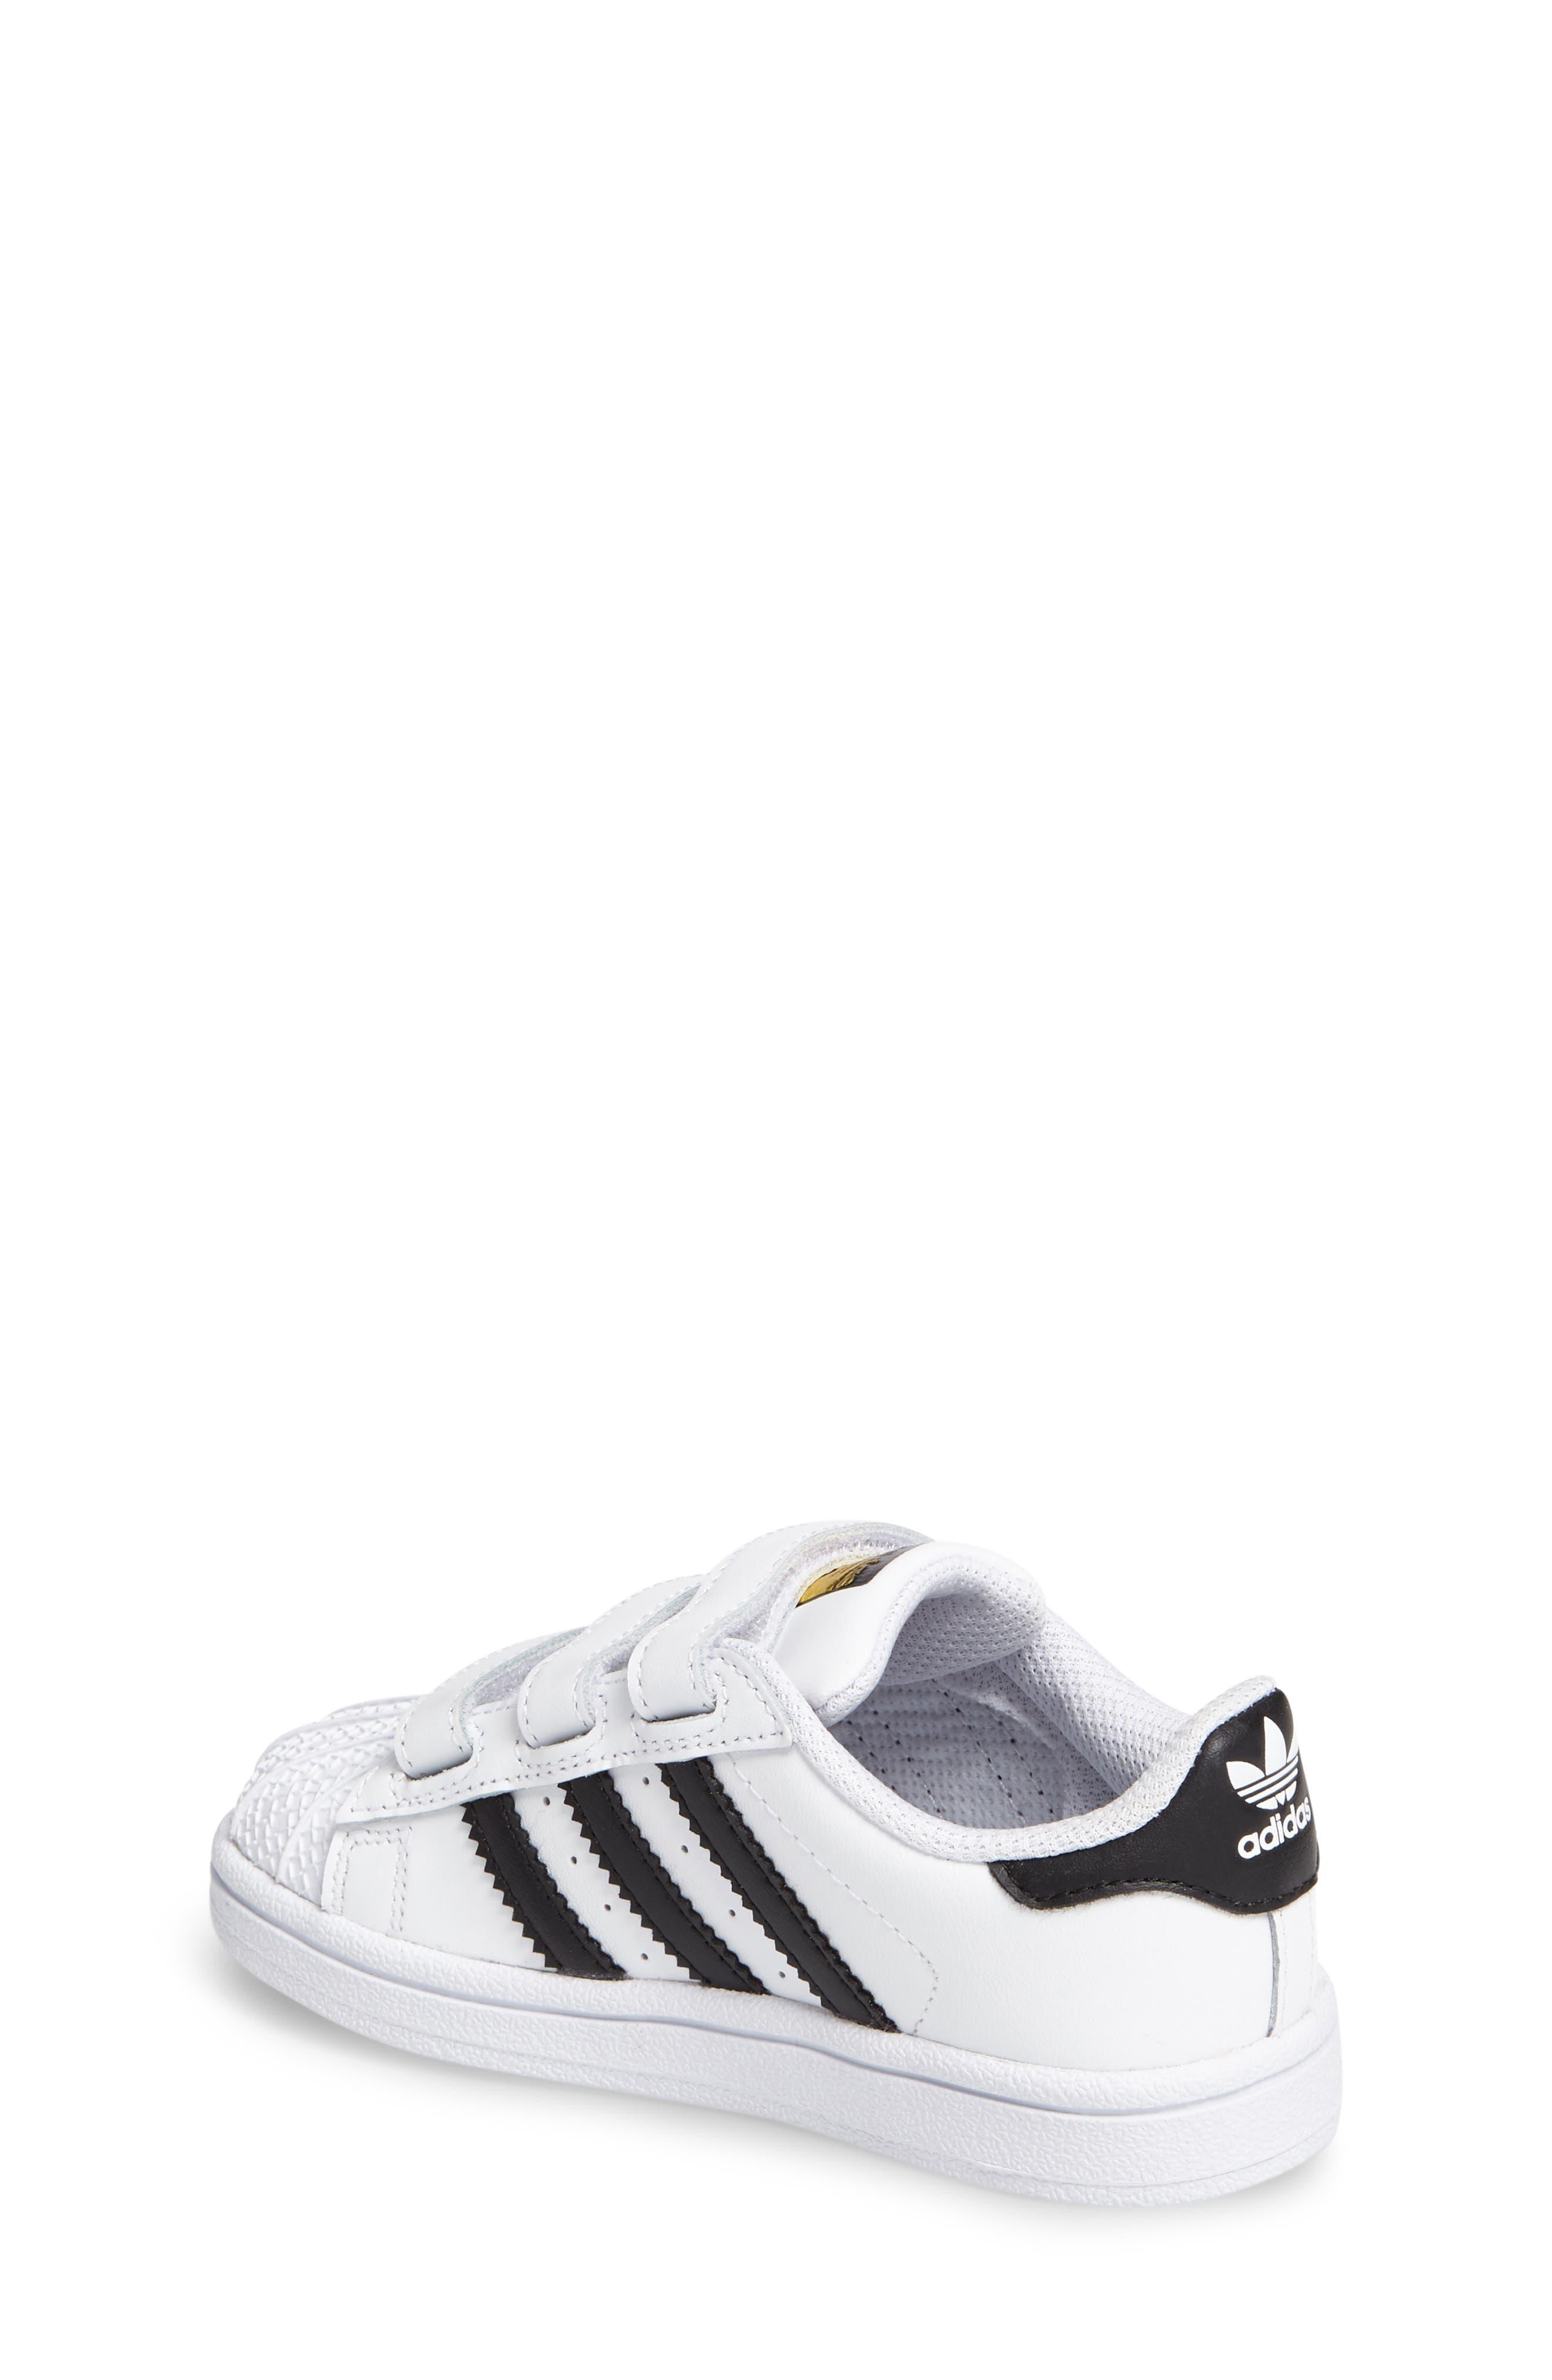 Superstar Foundation Sneaker,                             Alternate thumbnail 2, color,                             White/ Core Black/ White